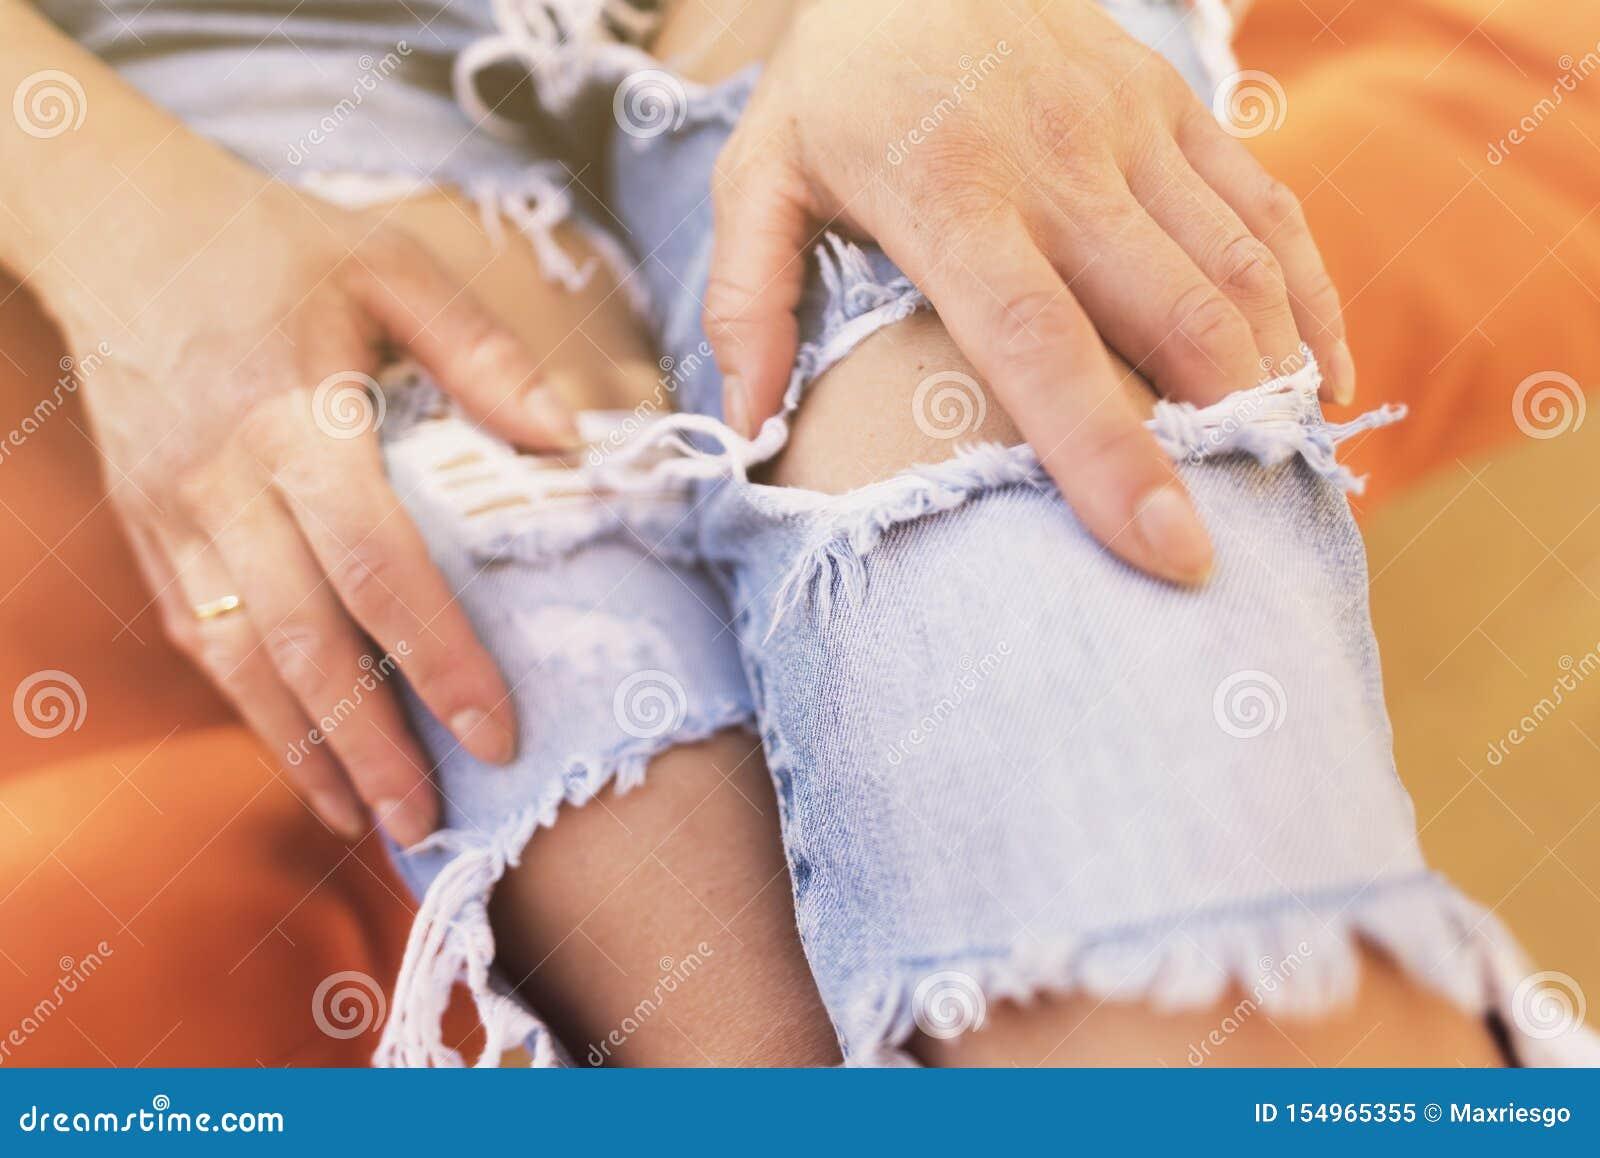 Imagem anônima da mulher com calças de brim rasgadas em um dia de verão